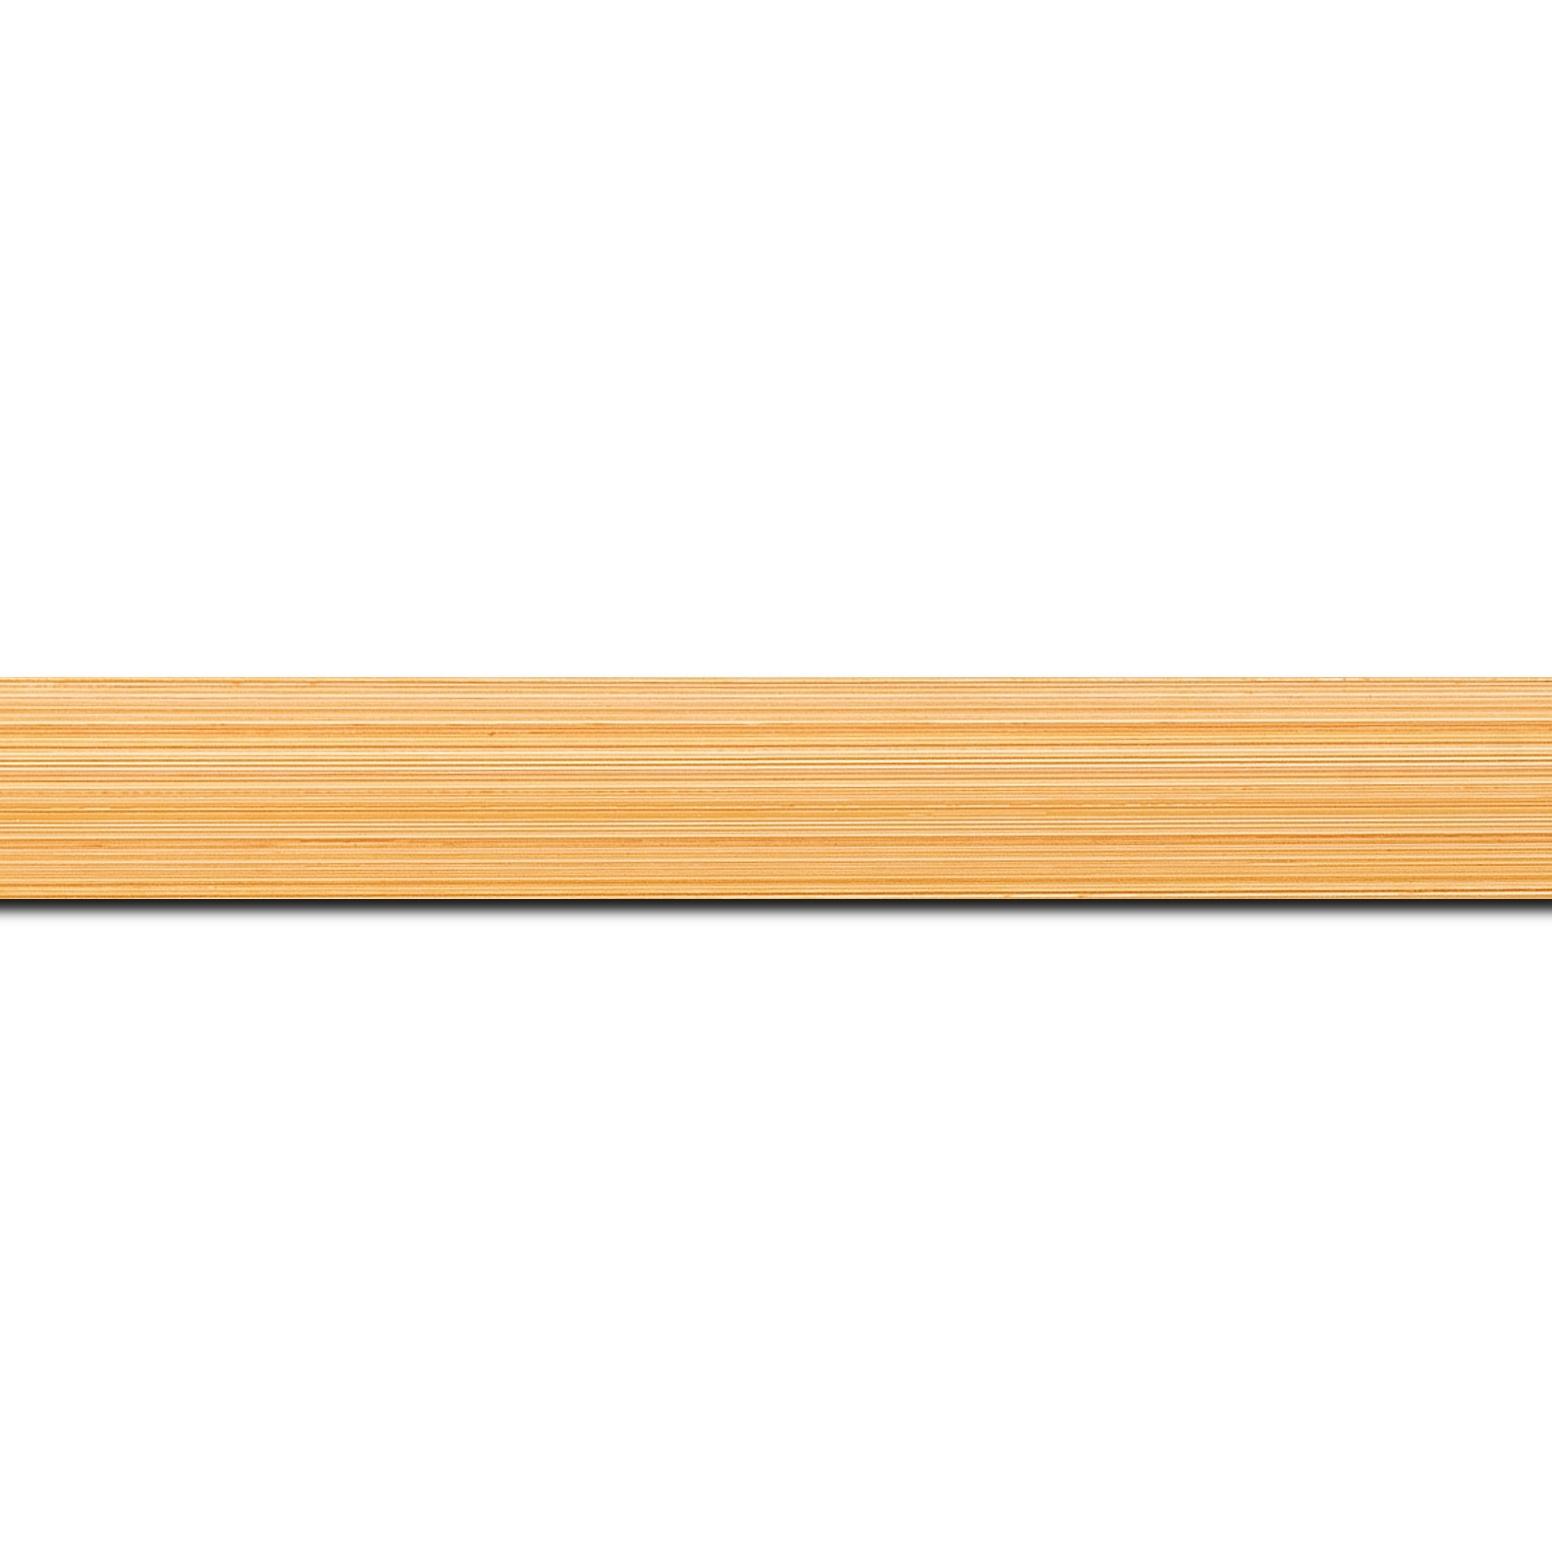 Pack par 12m, bois profil concave largeur 2.4cm couleur orange effet matière fond blanc (longueur baguette pouvant varier entre 2.40m et 3m selon arrivage des bois)